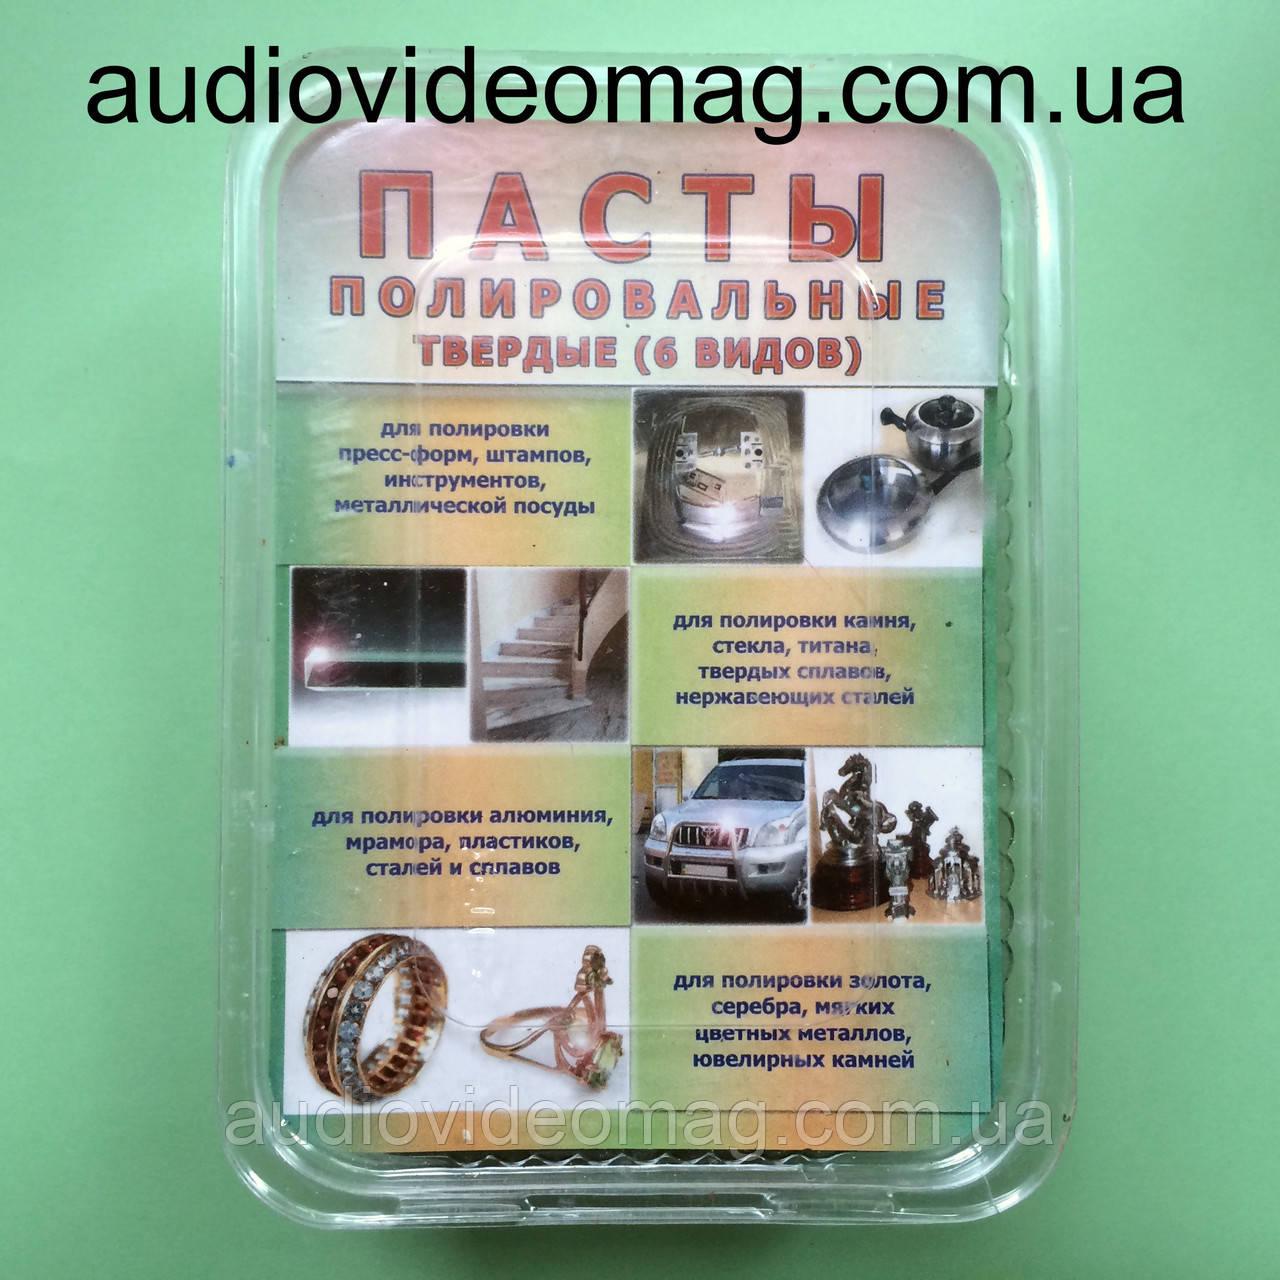 Набор полировальных паст (6 видов), фото 1